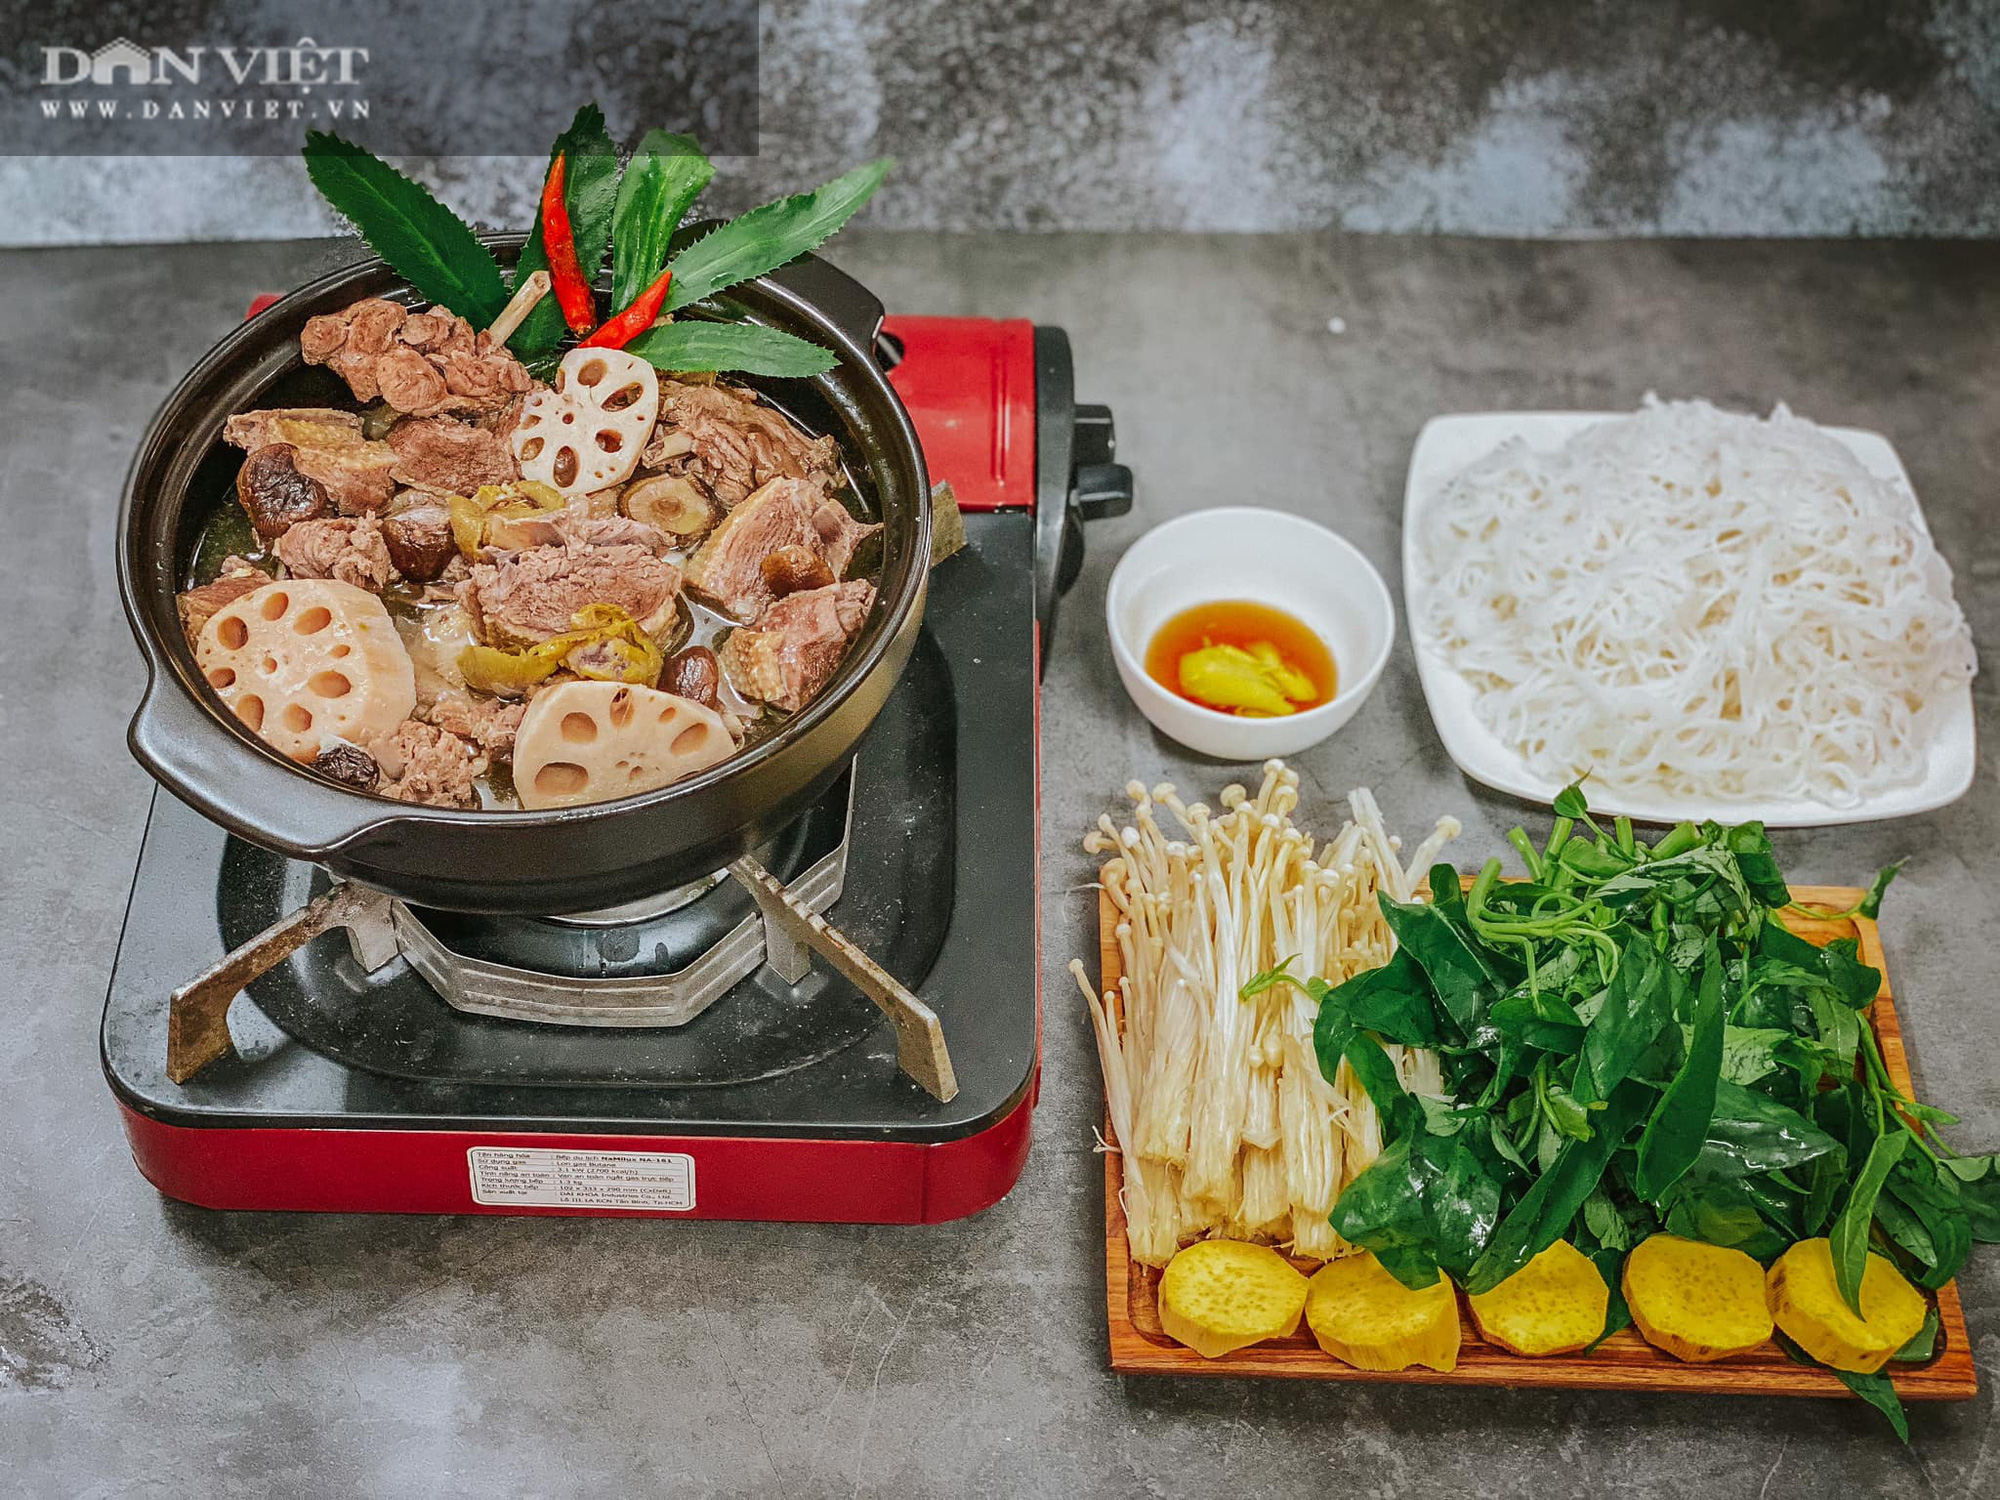 Đổi món với vịt om sấu nấu cùng củ sen và nước dừa - Ảnh 2.